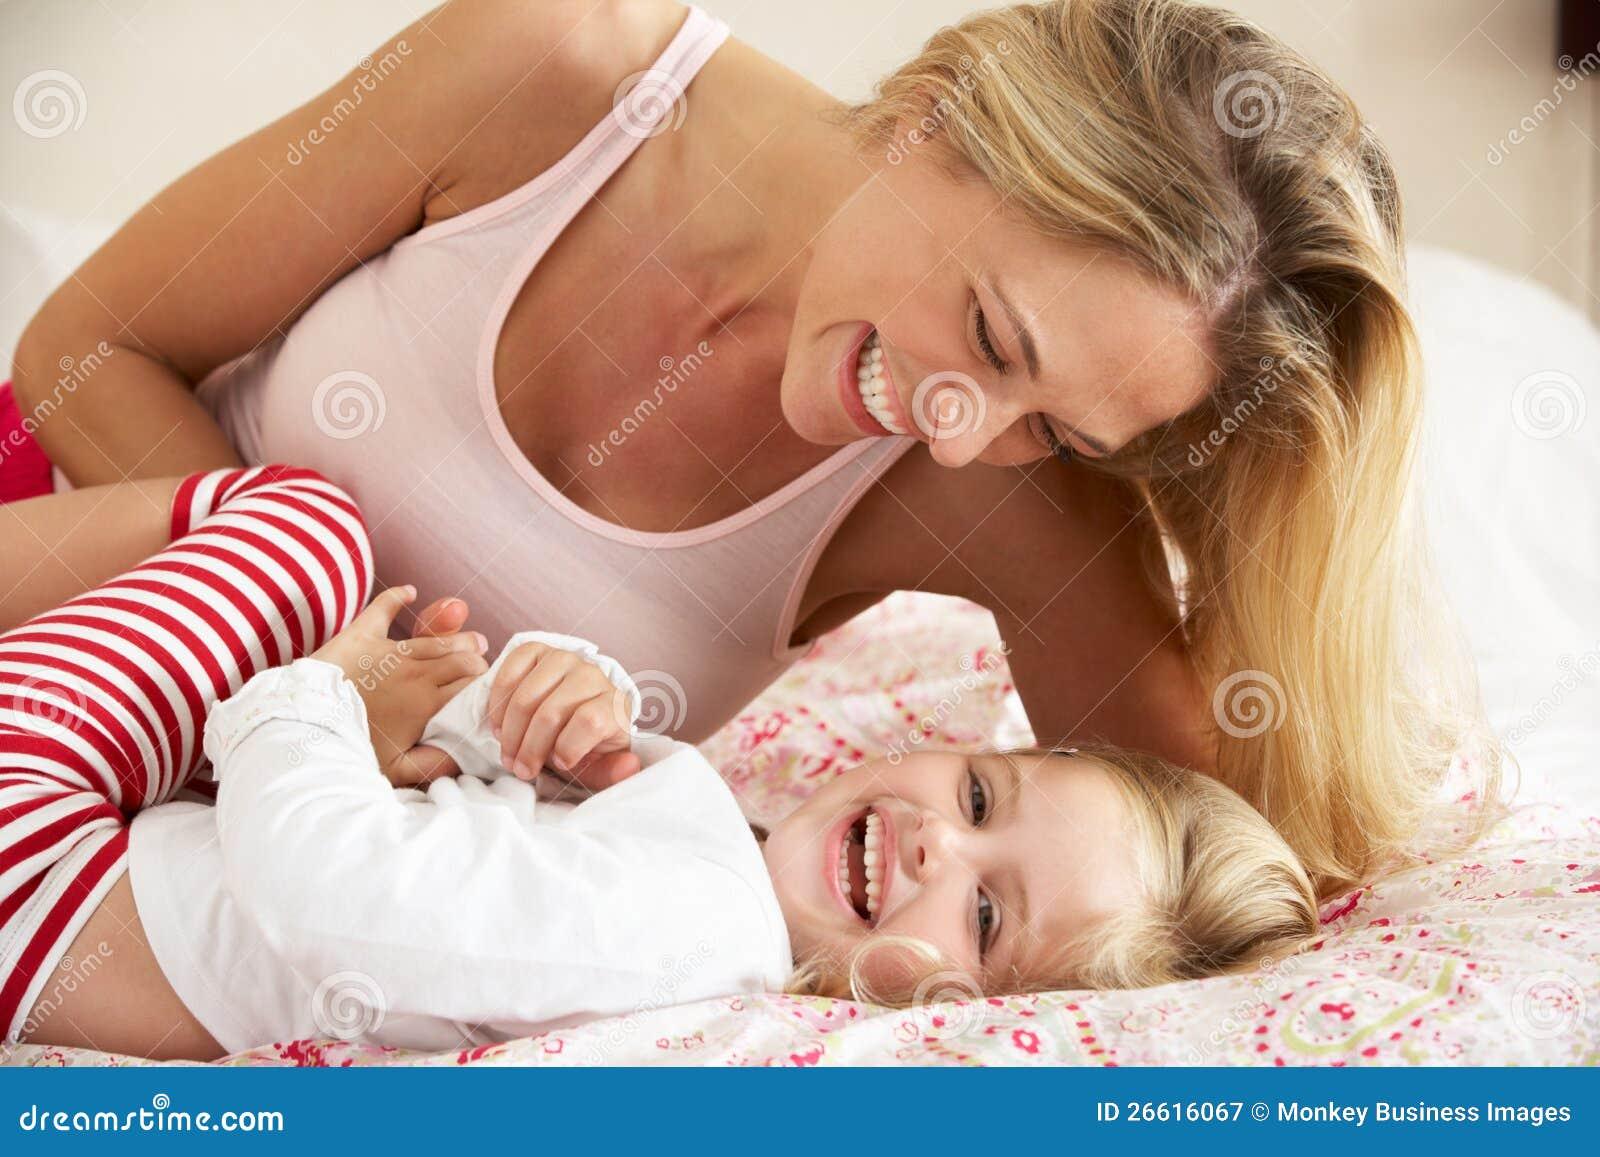 Трахнул старшую дочку, Отец трахнул дочь в красивом видео hd 720 26 фотография